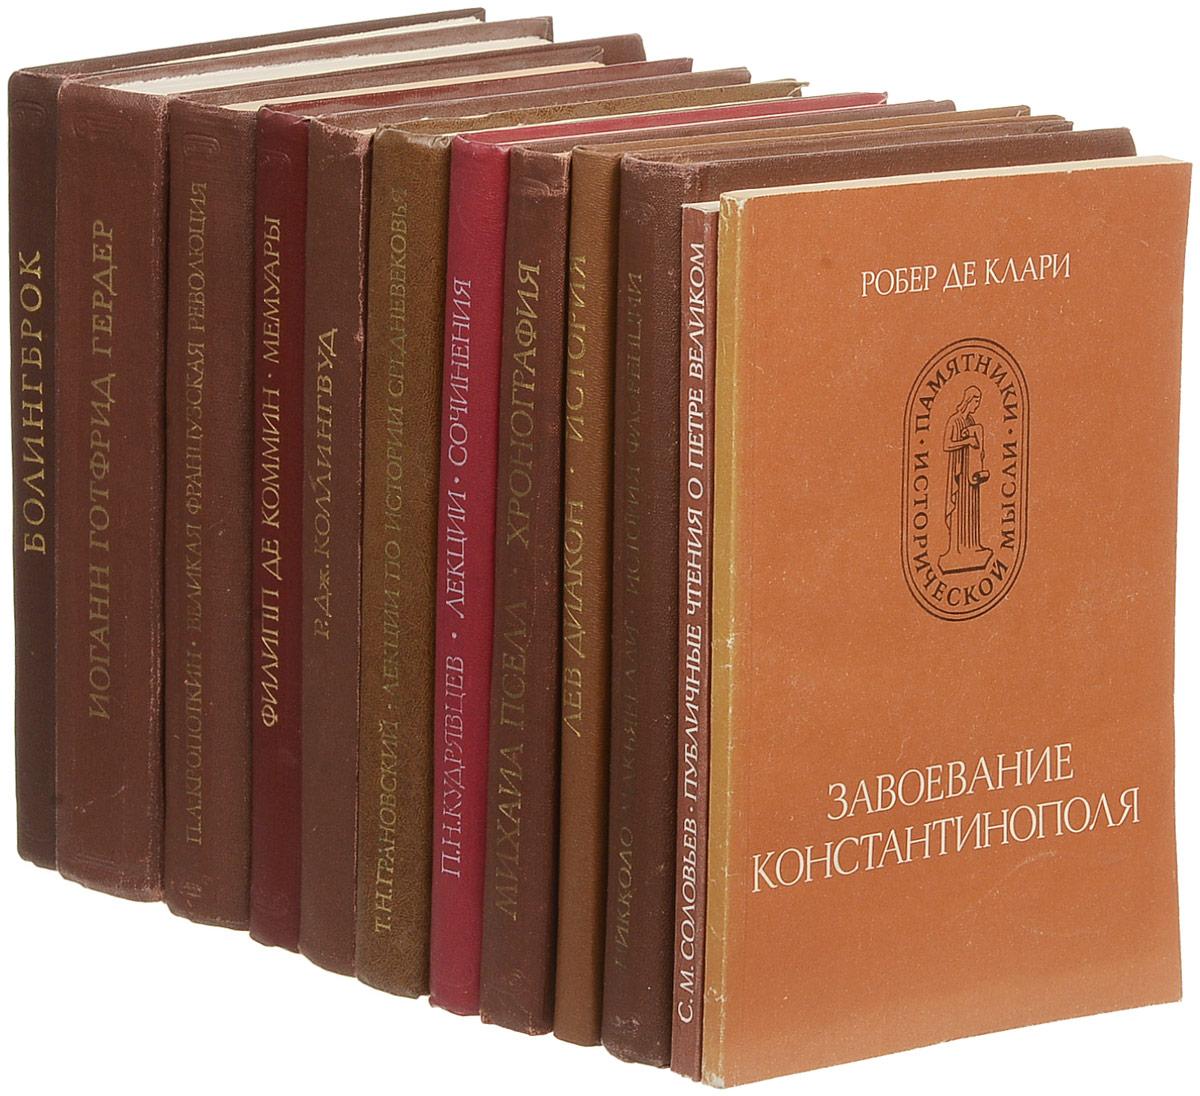 Серия Памятники исторической мысли (комплект из 12 книг) серия литературные памятники комплект из 20 книг